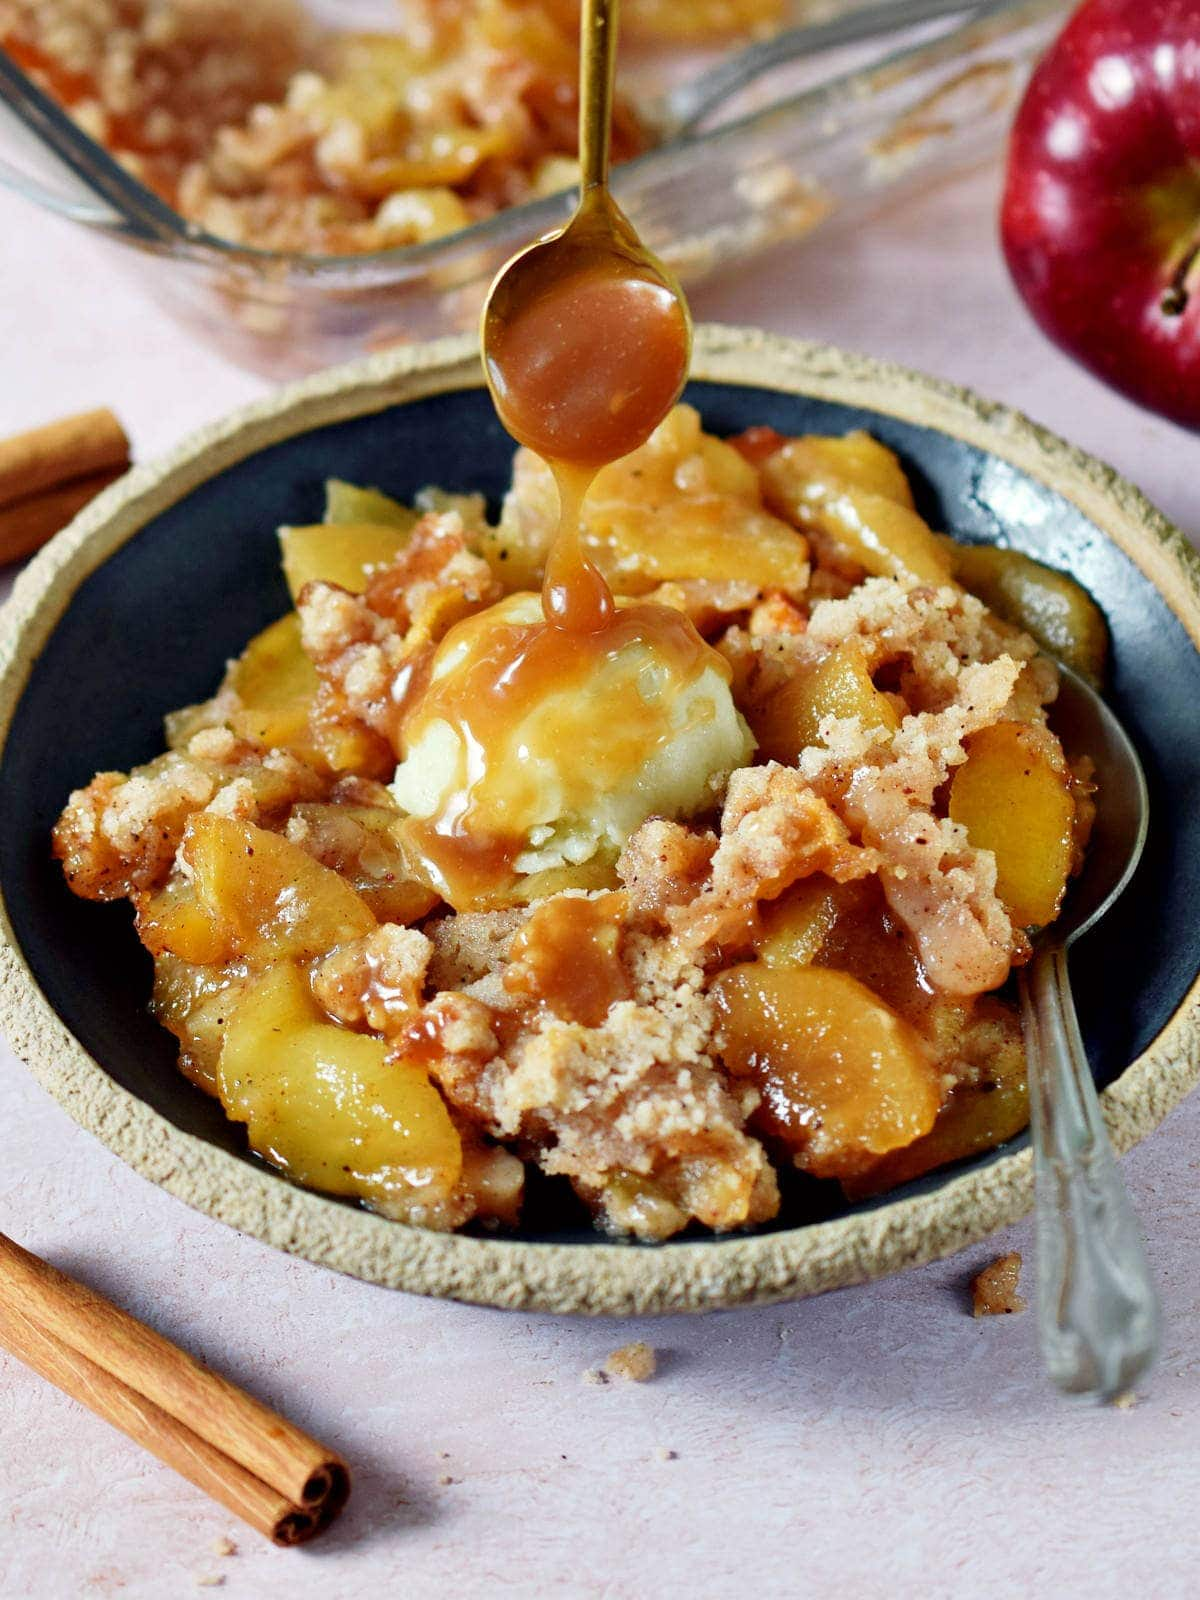 Löffel träufelt Karamellsoße über Apple Crumbe (mit veganem Vanilleeis) auf Teller